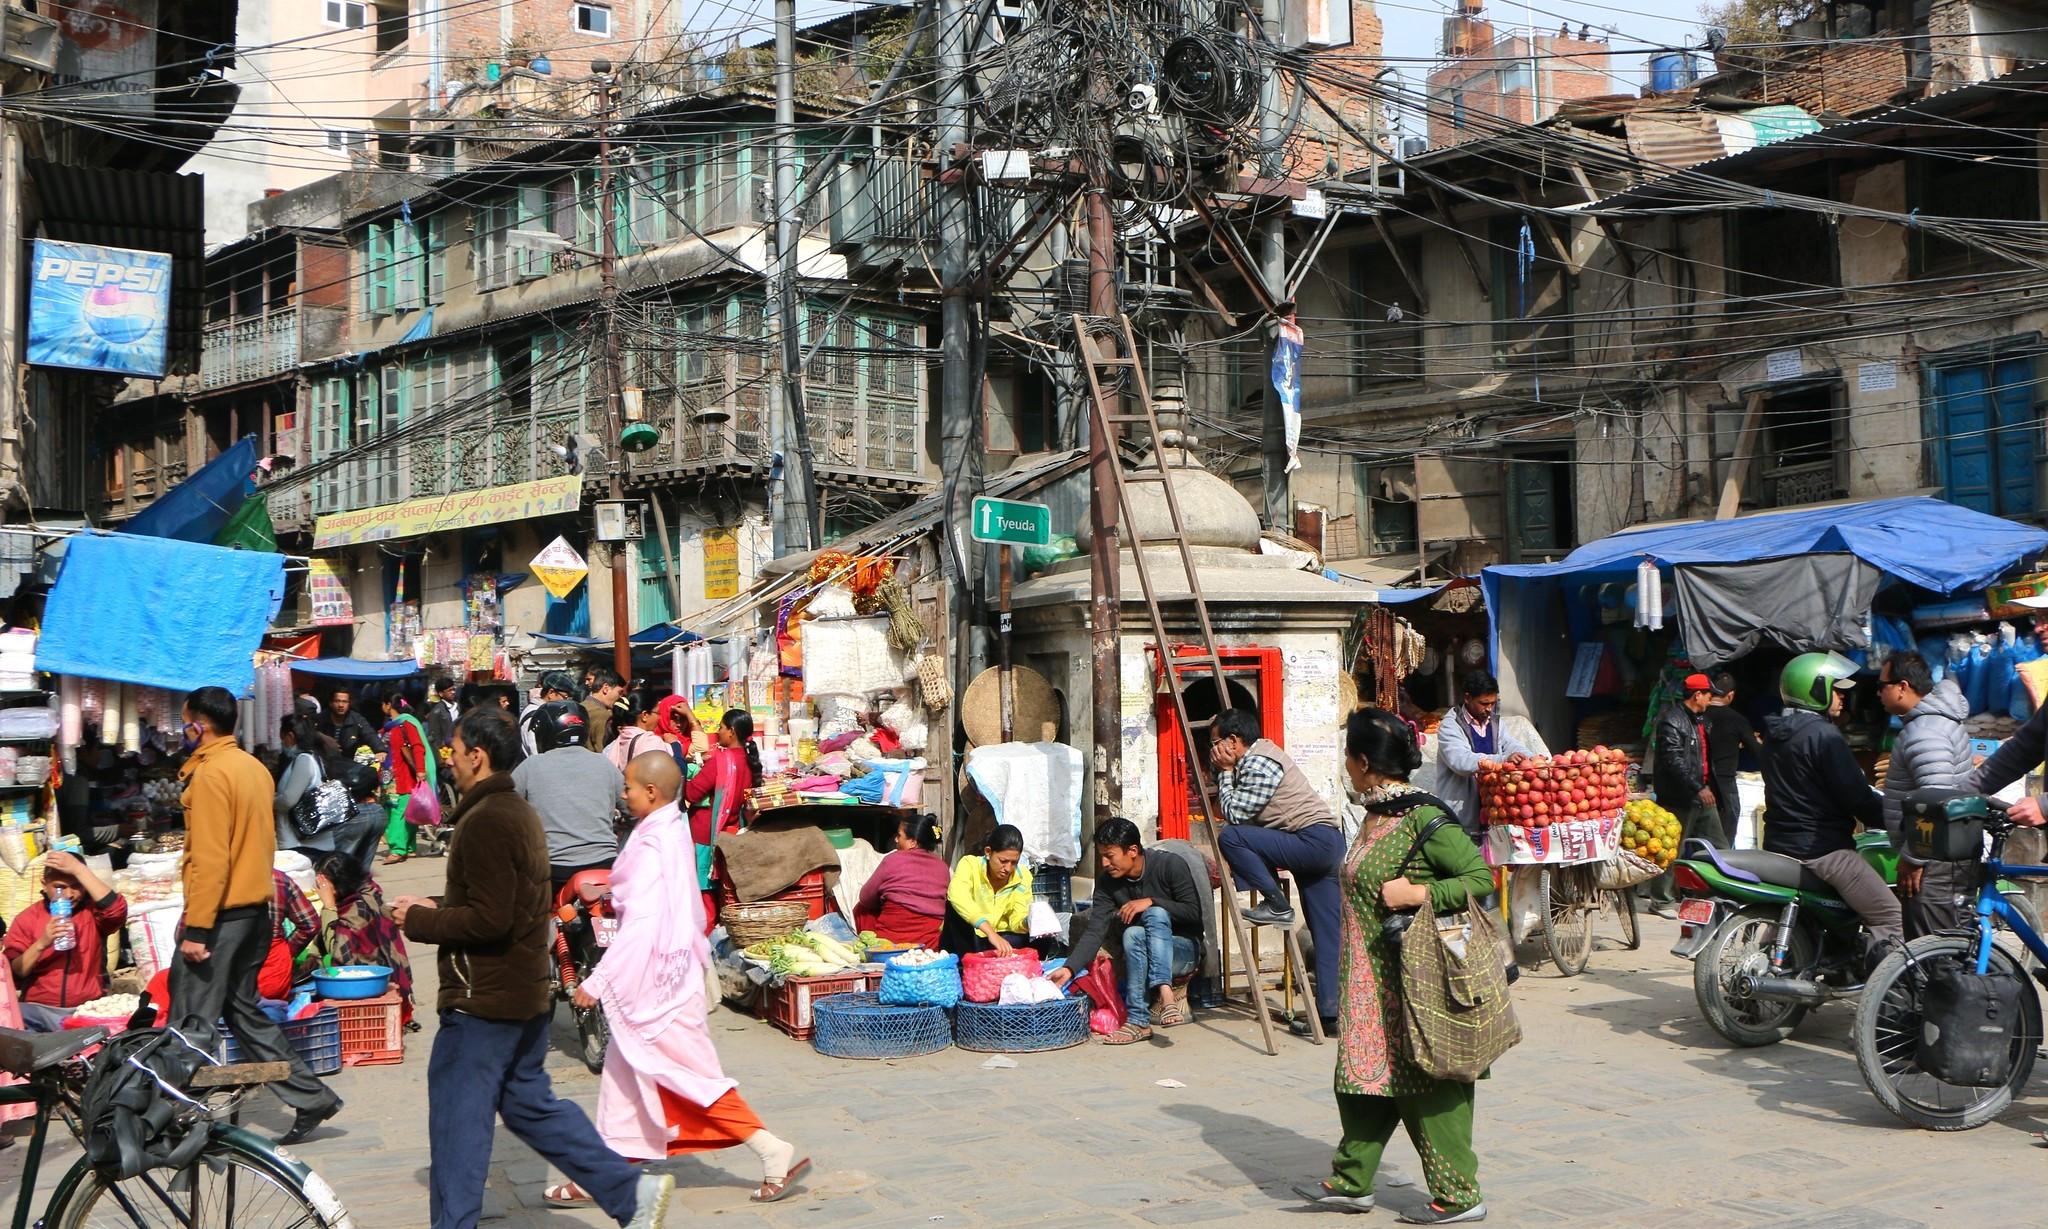 Kathmandu, Nepal - Juan Antonio Segal